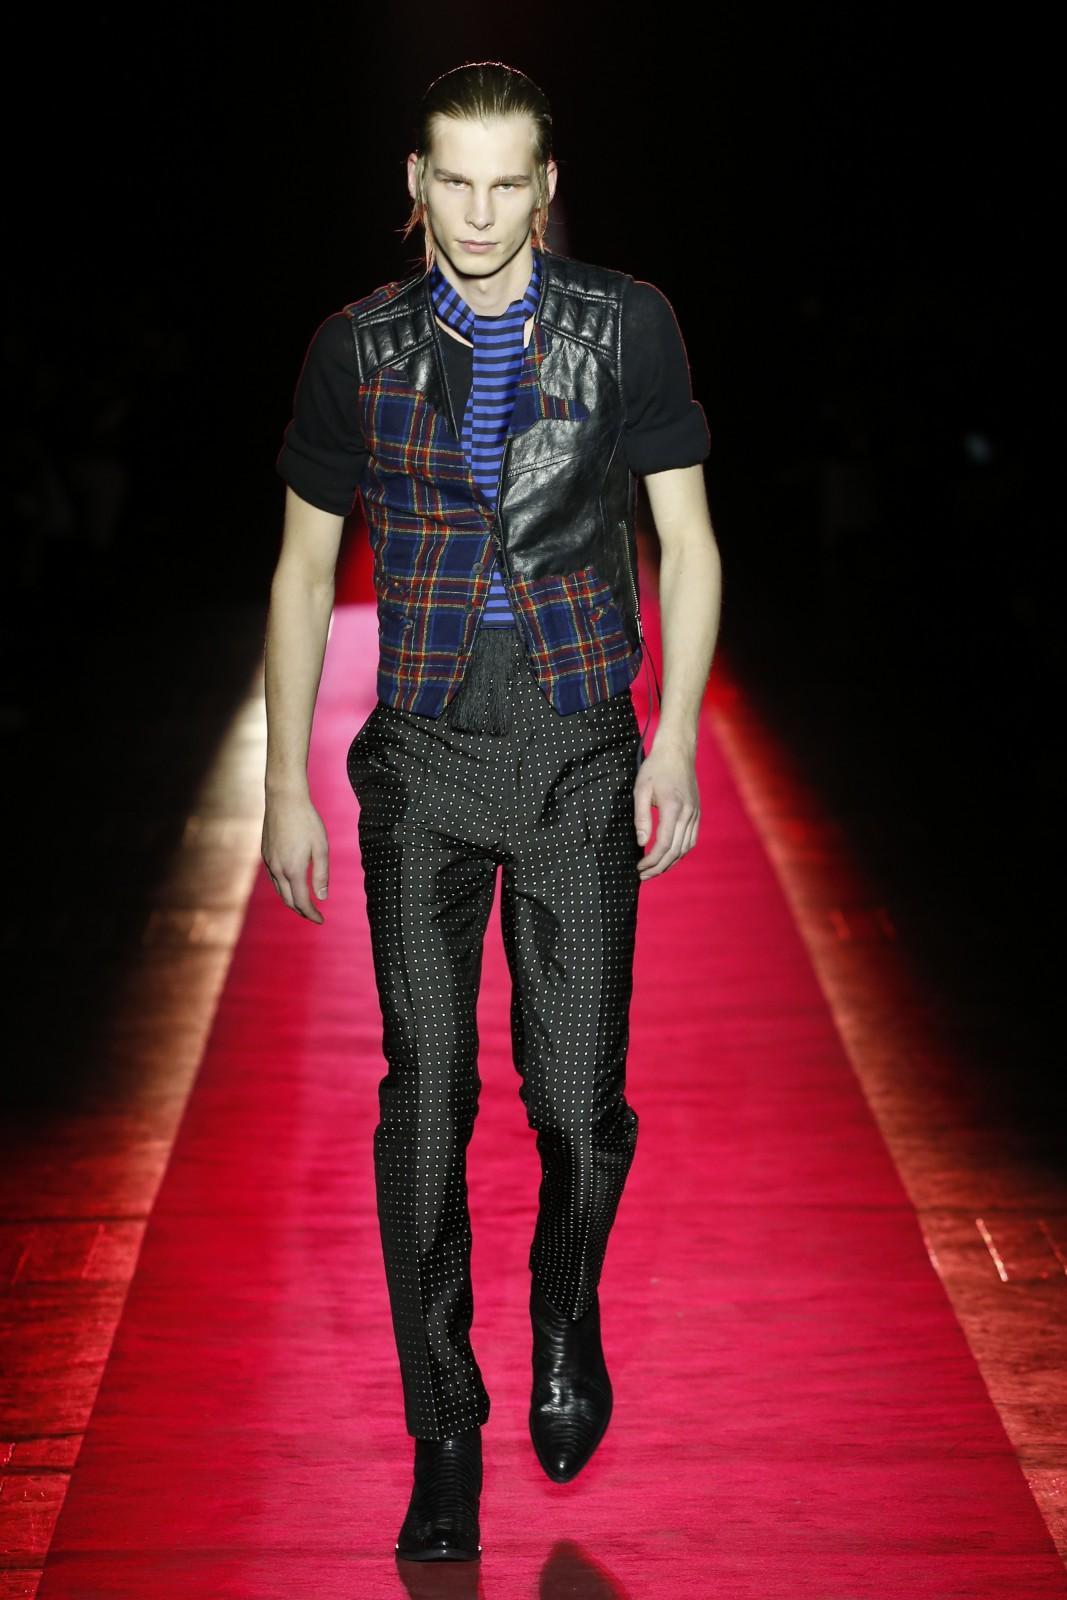 Haider Ackermann Fashion Show Menswear Fall Winter 2017 Collection in Paris